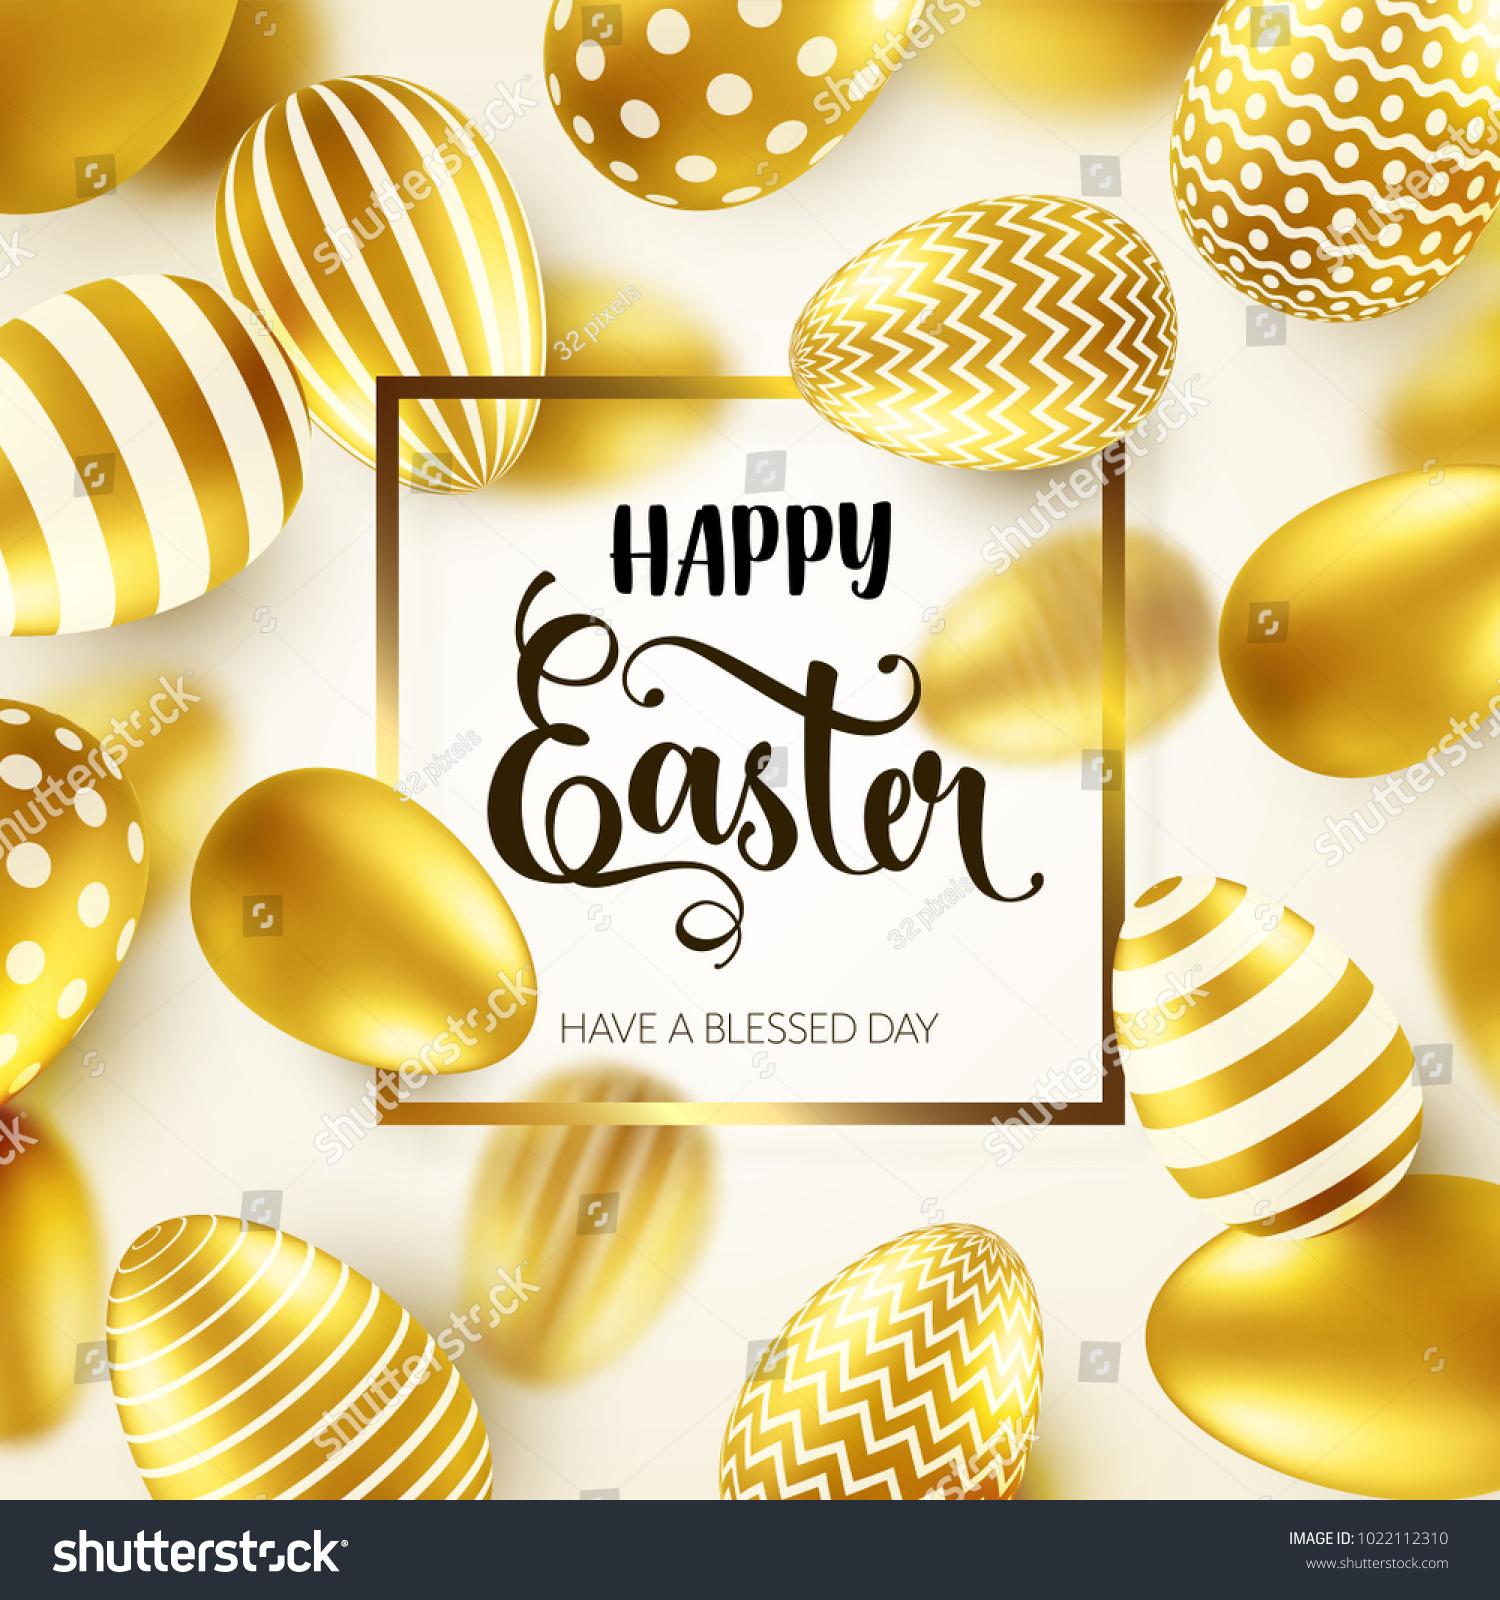 Easter Golden Egg Calligraphic Lettering Greetings Stock Vector